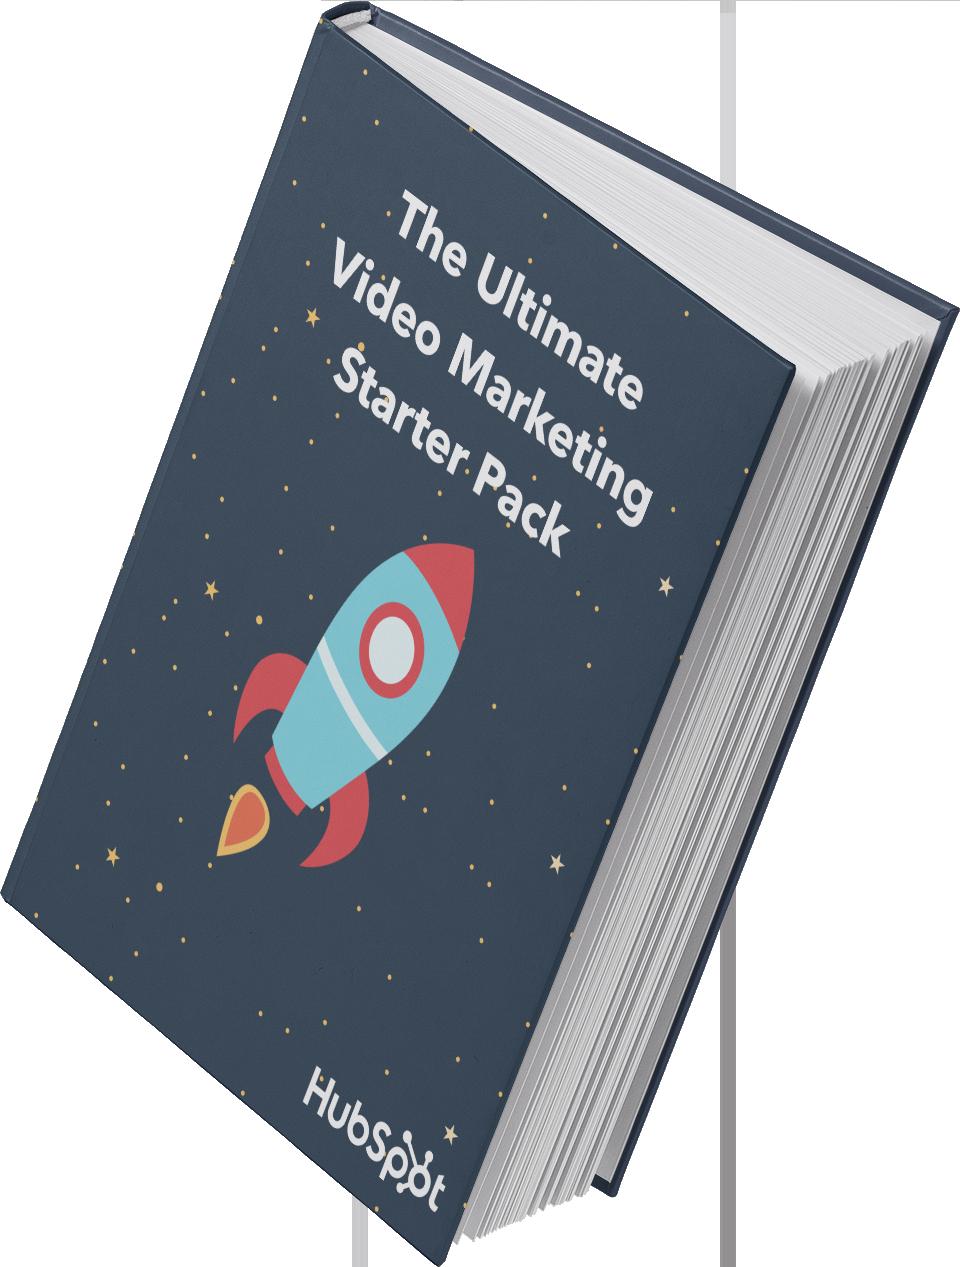 Video-Marketing-Starter-Pack